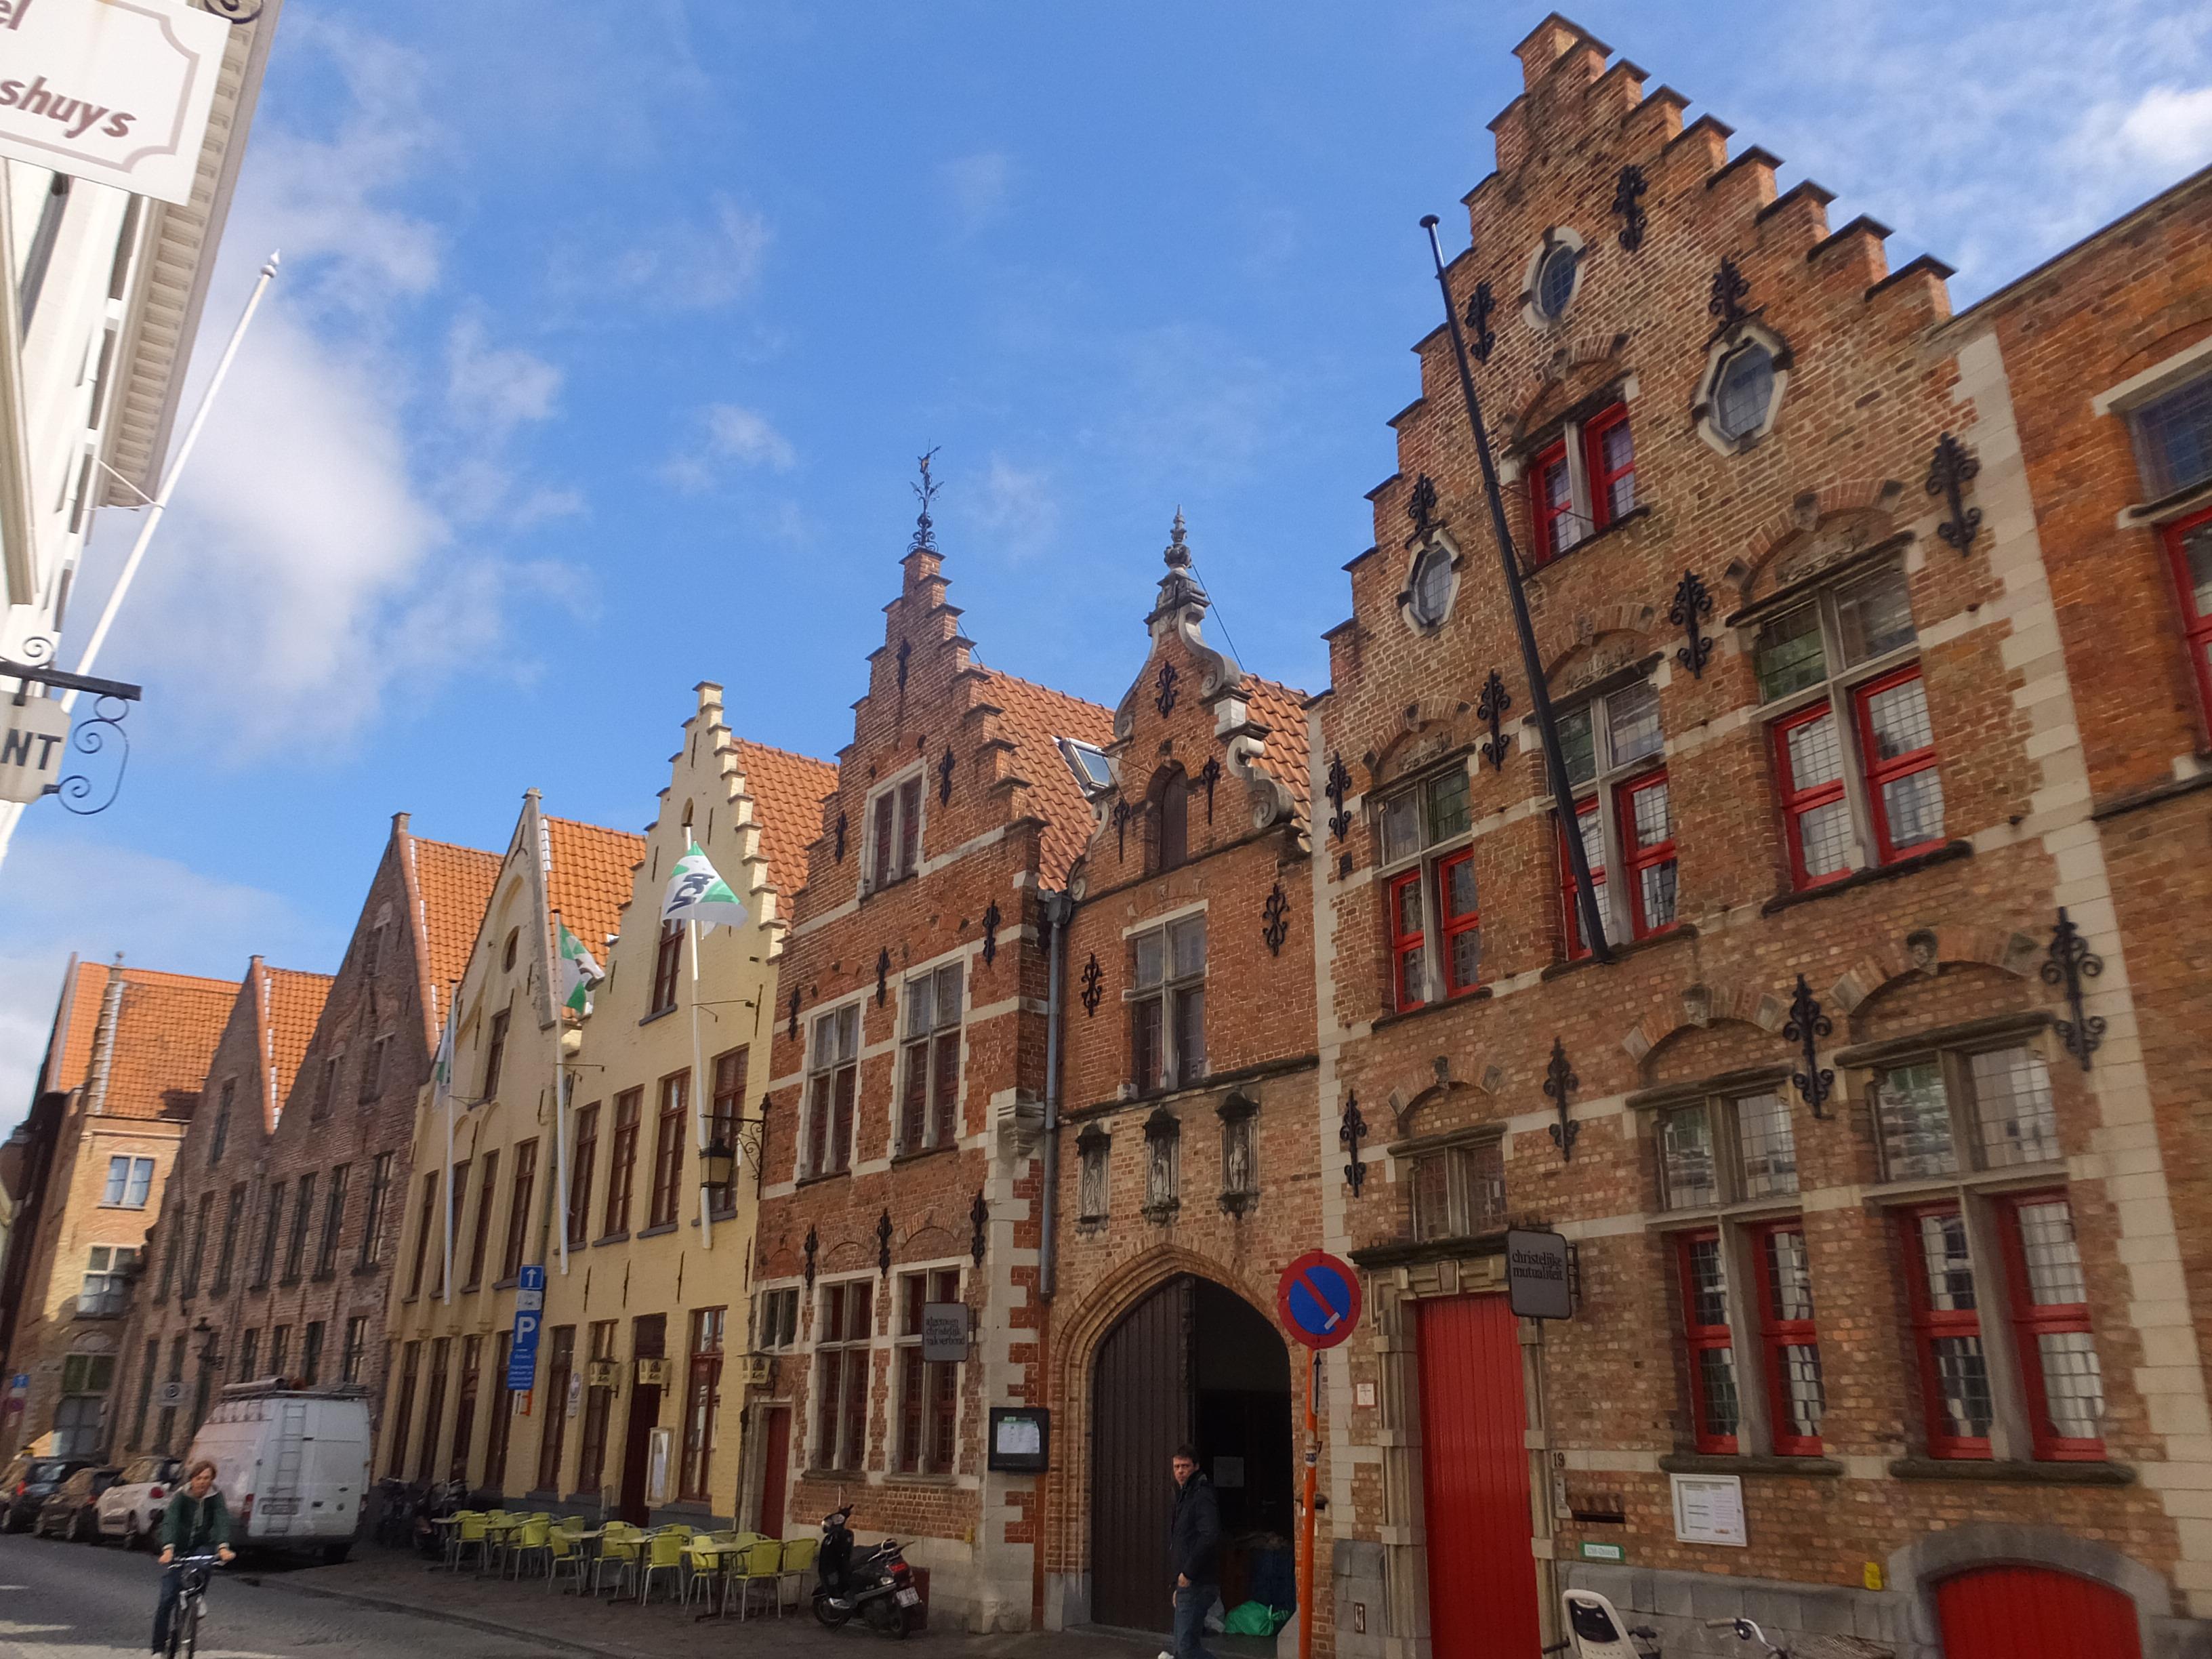 オランダからブルージュへ小旅行②(マルクト広場&鐘楼)